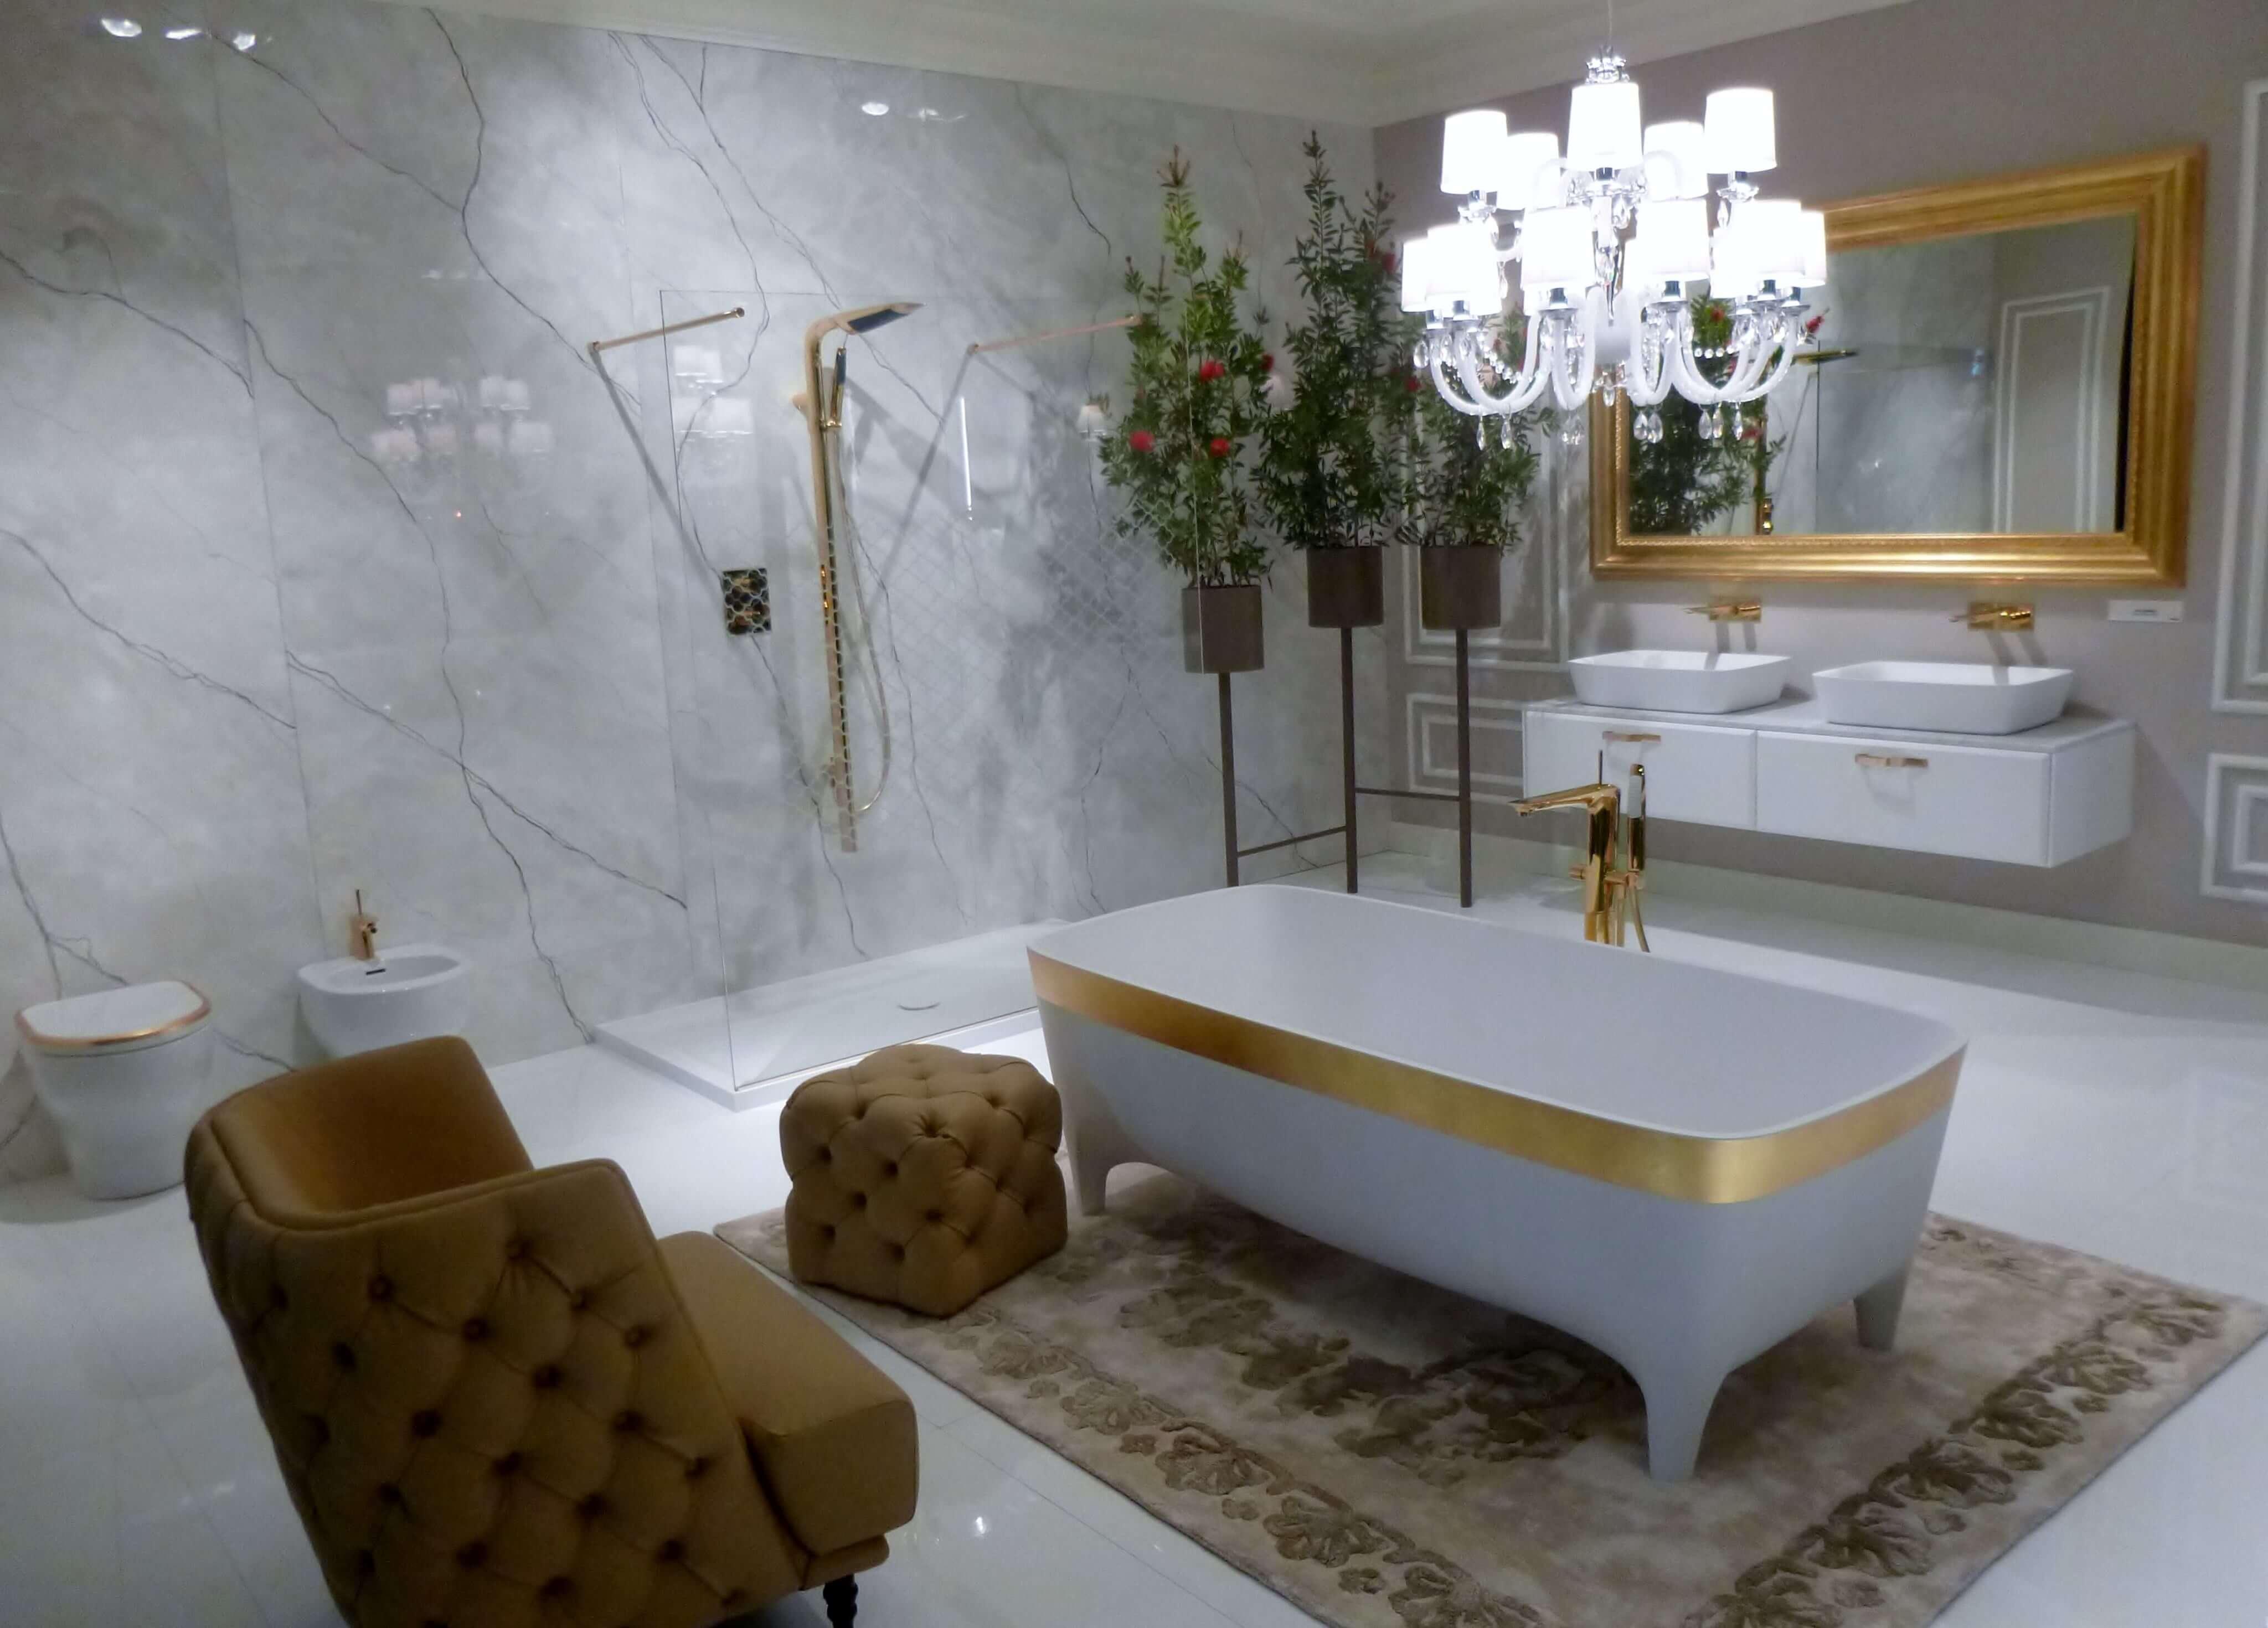 Salone del bagno die gr te badezimmermesse der welt for Layout del bagno principale